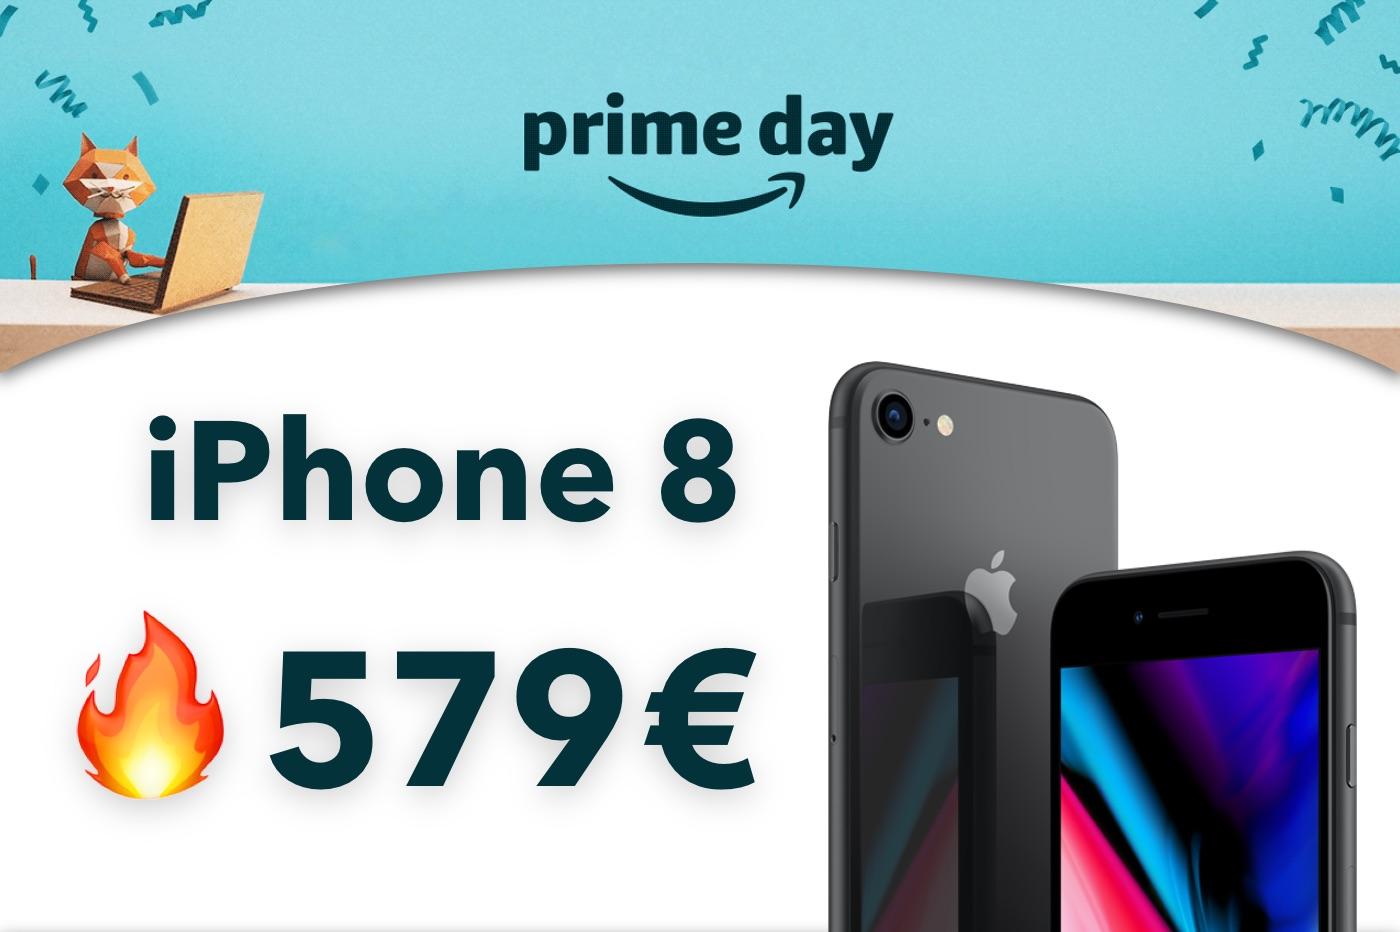 Amazon Prime Day : iPhone 8 256 Go à 579€ au lieu de 858€ (-32%) 1